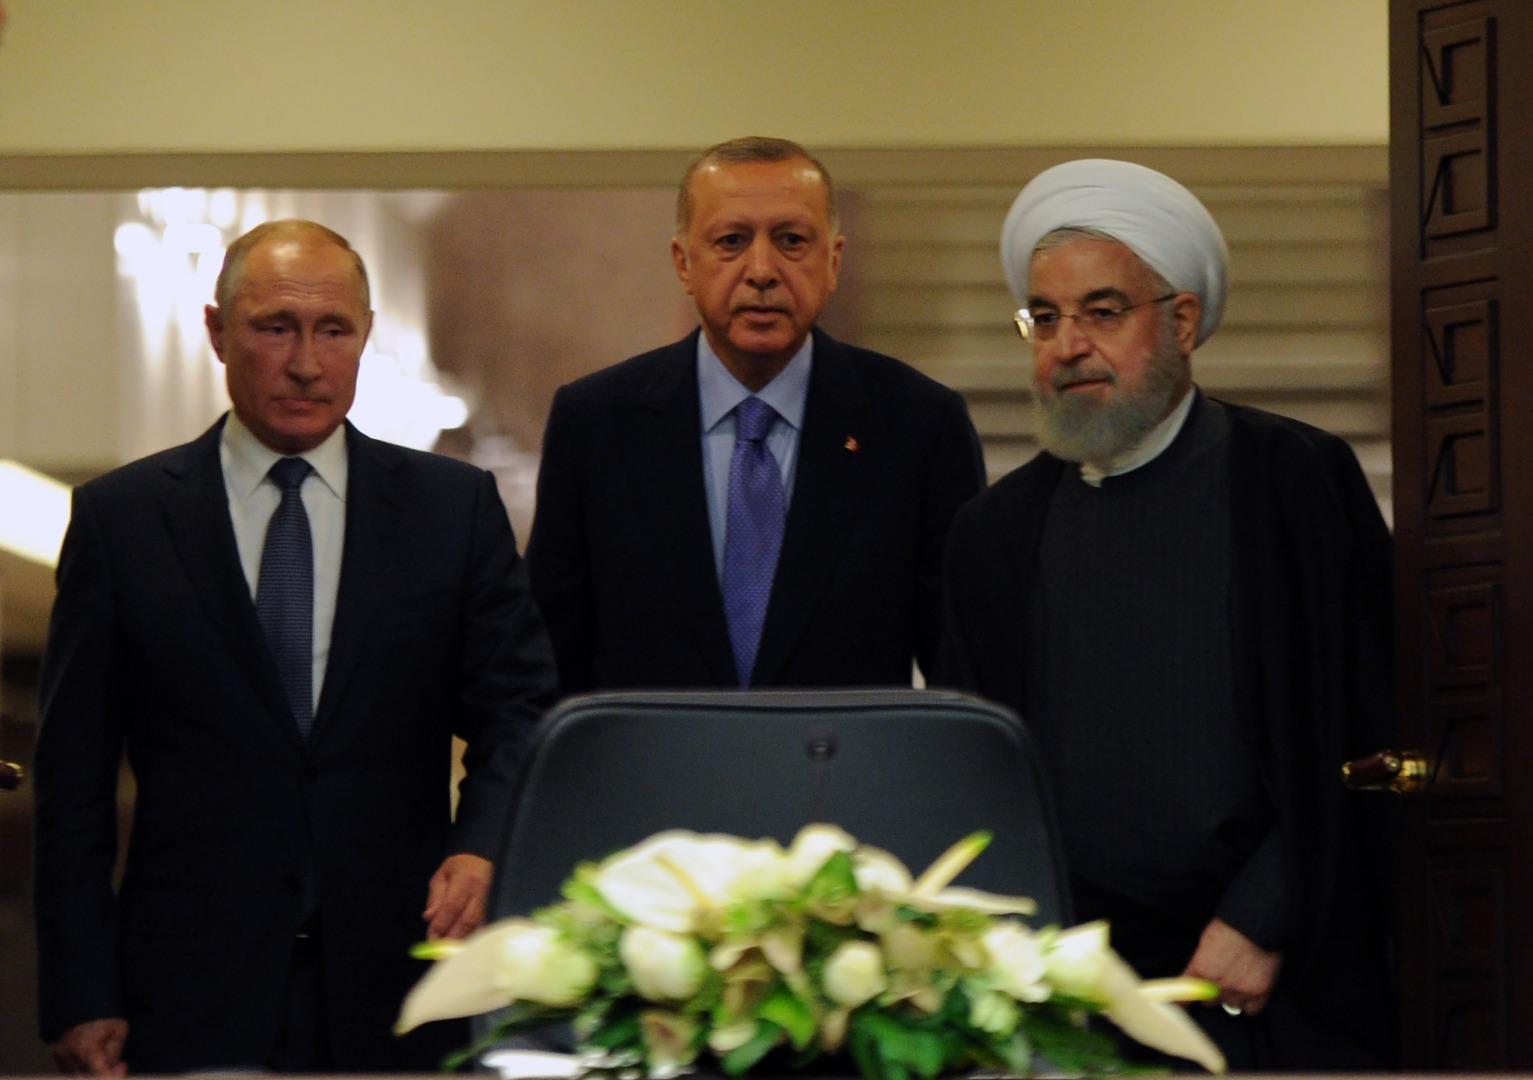 Cumhurbaşkanı Erdoğan: Böyle bir gelişme bütün Avrupa'yı etkileyecektir